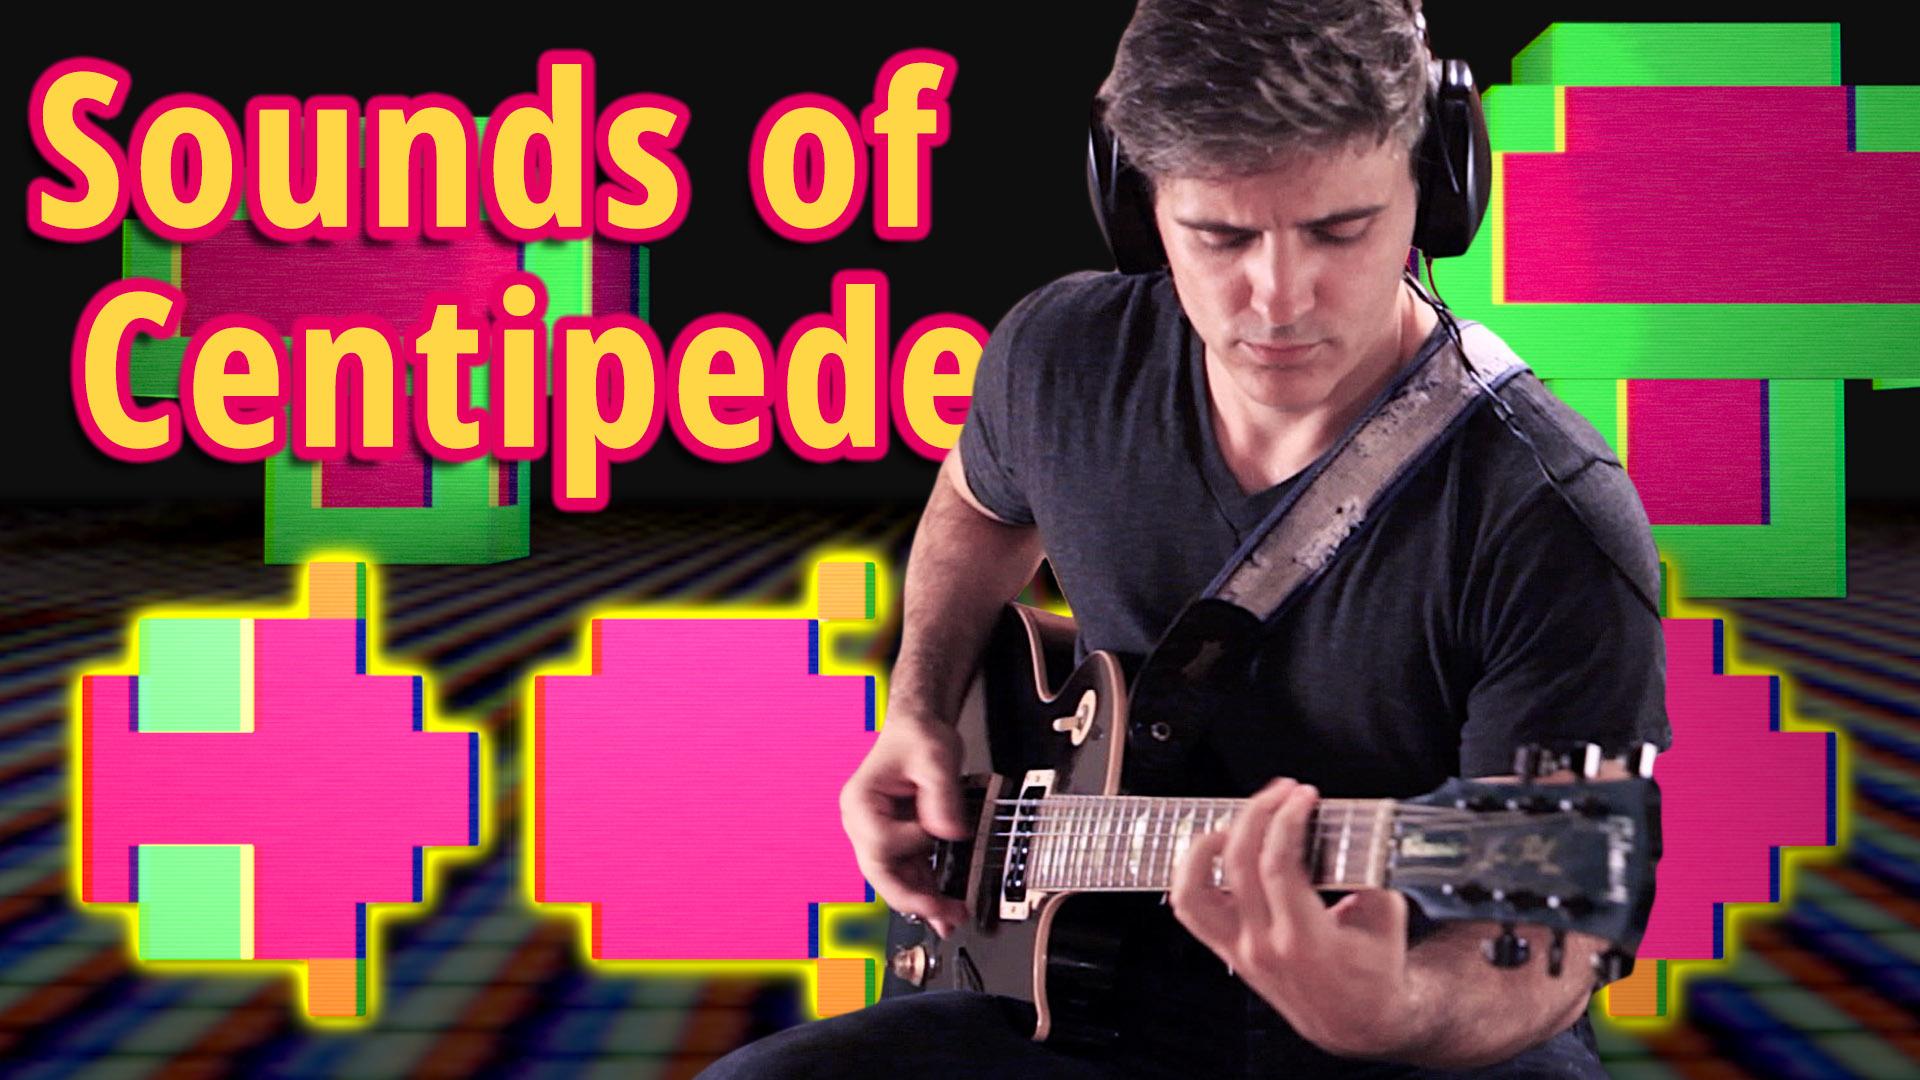 sounds of centipede - poster v3